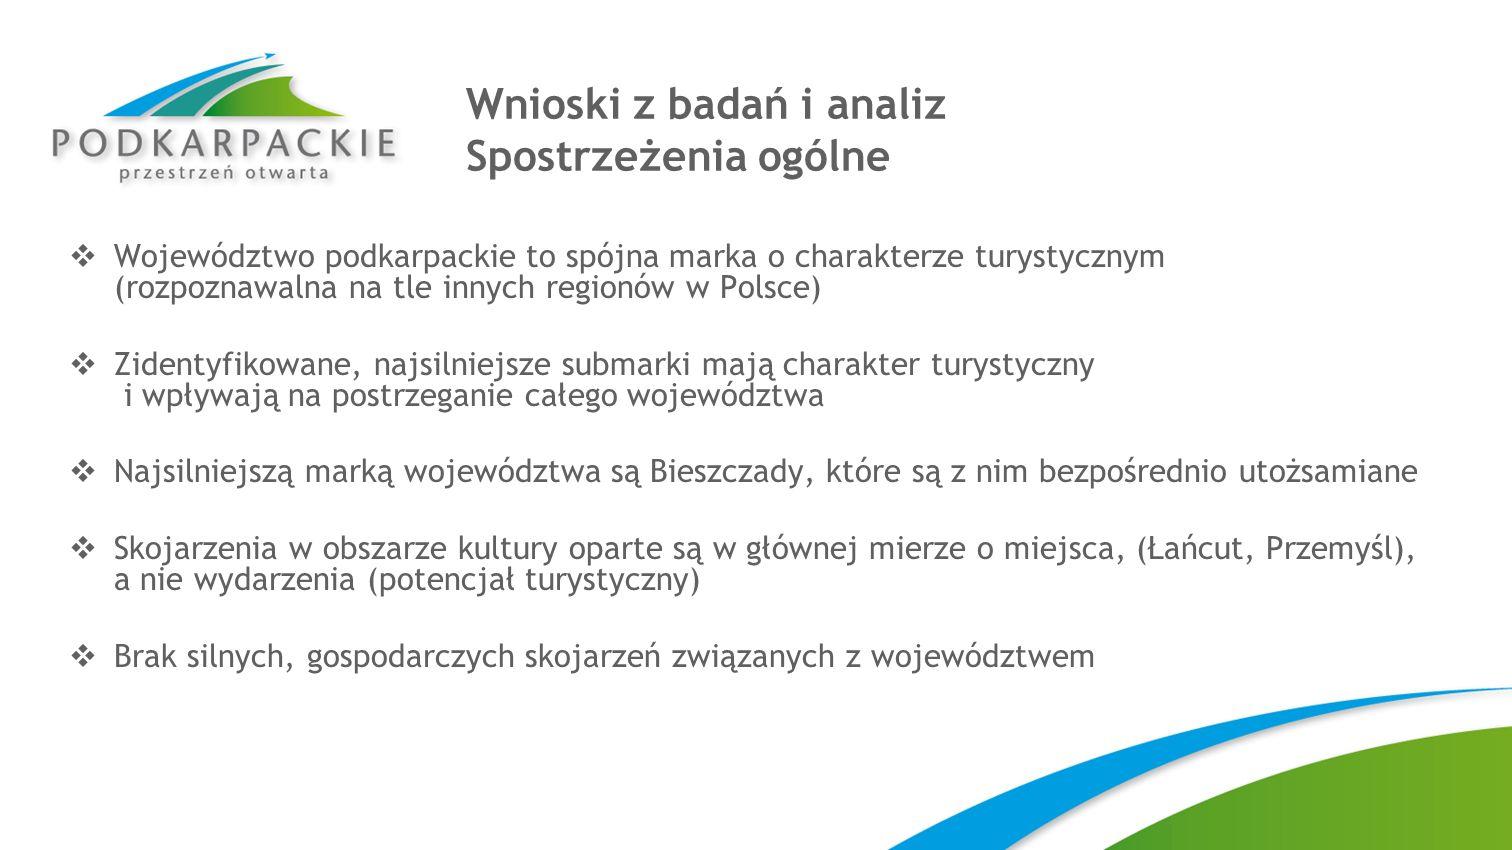 Wnioski z badań i analiz Spostrzeżenia ogólne Województwo podkarpackie to spójna marka o charakterze turystycznym (rozpoznawalna na tle innych regionó